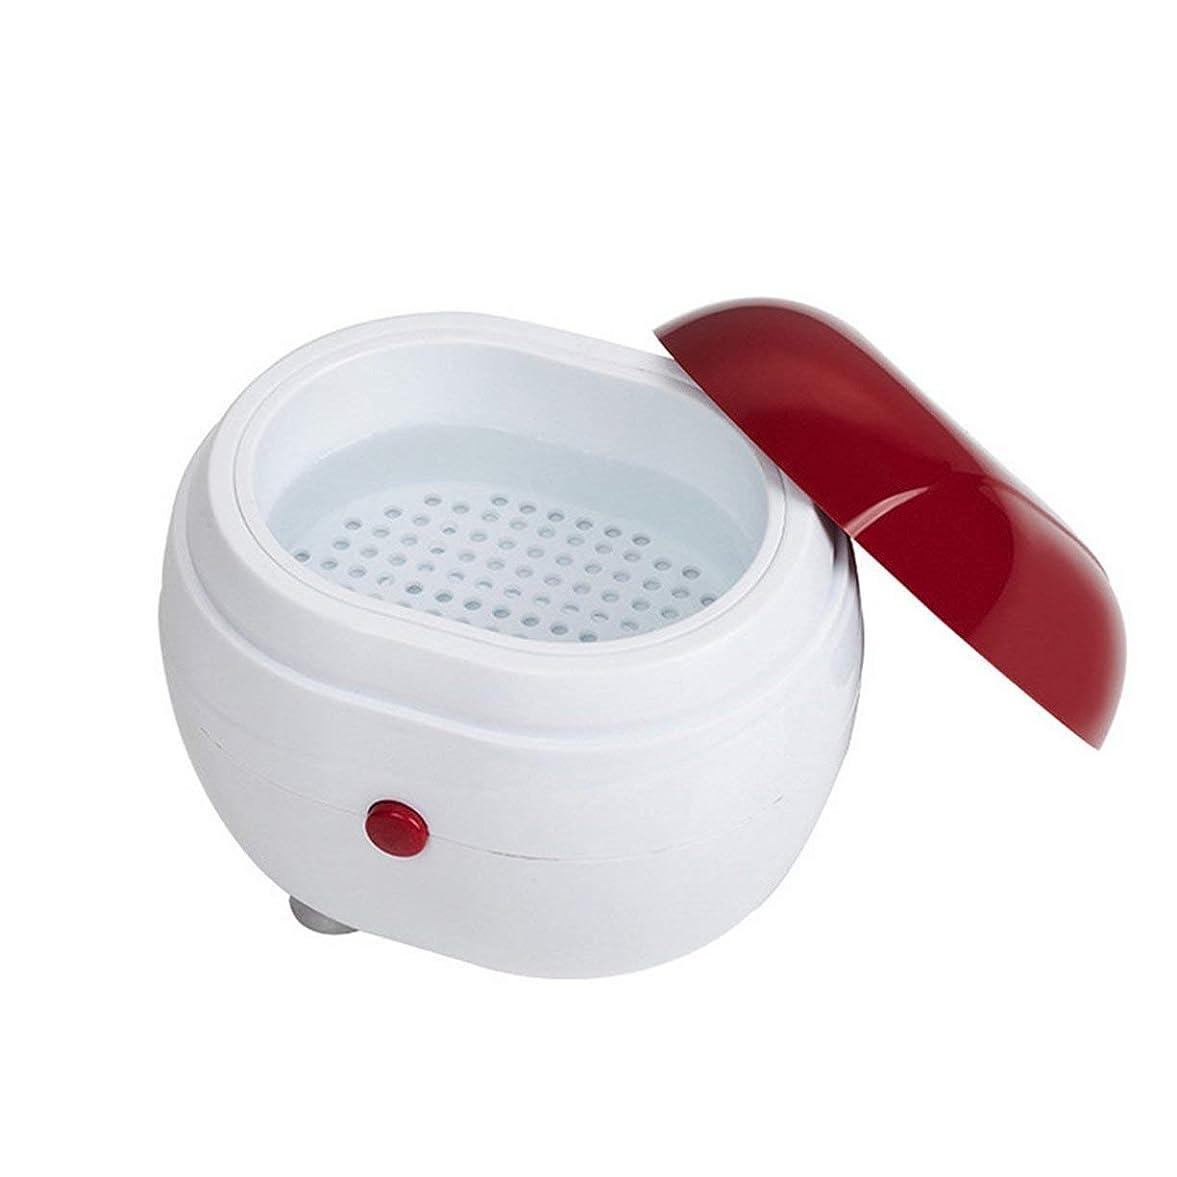 アライアンス悪意思いつくポータブル超音波洗濯機家庭用ジュエリーレンズ時計入れ歯クリーニング機洗濯機クリーナークリーニングボックス - 赤&白